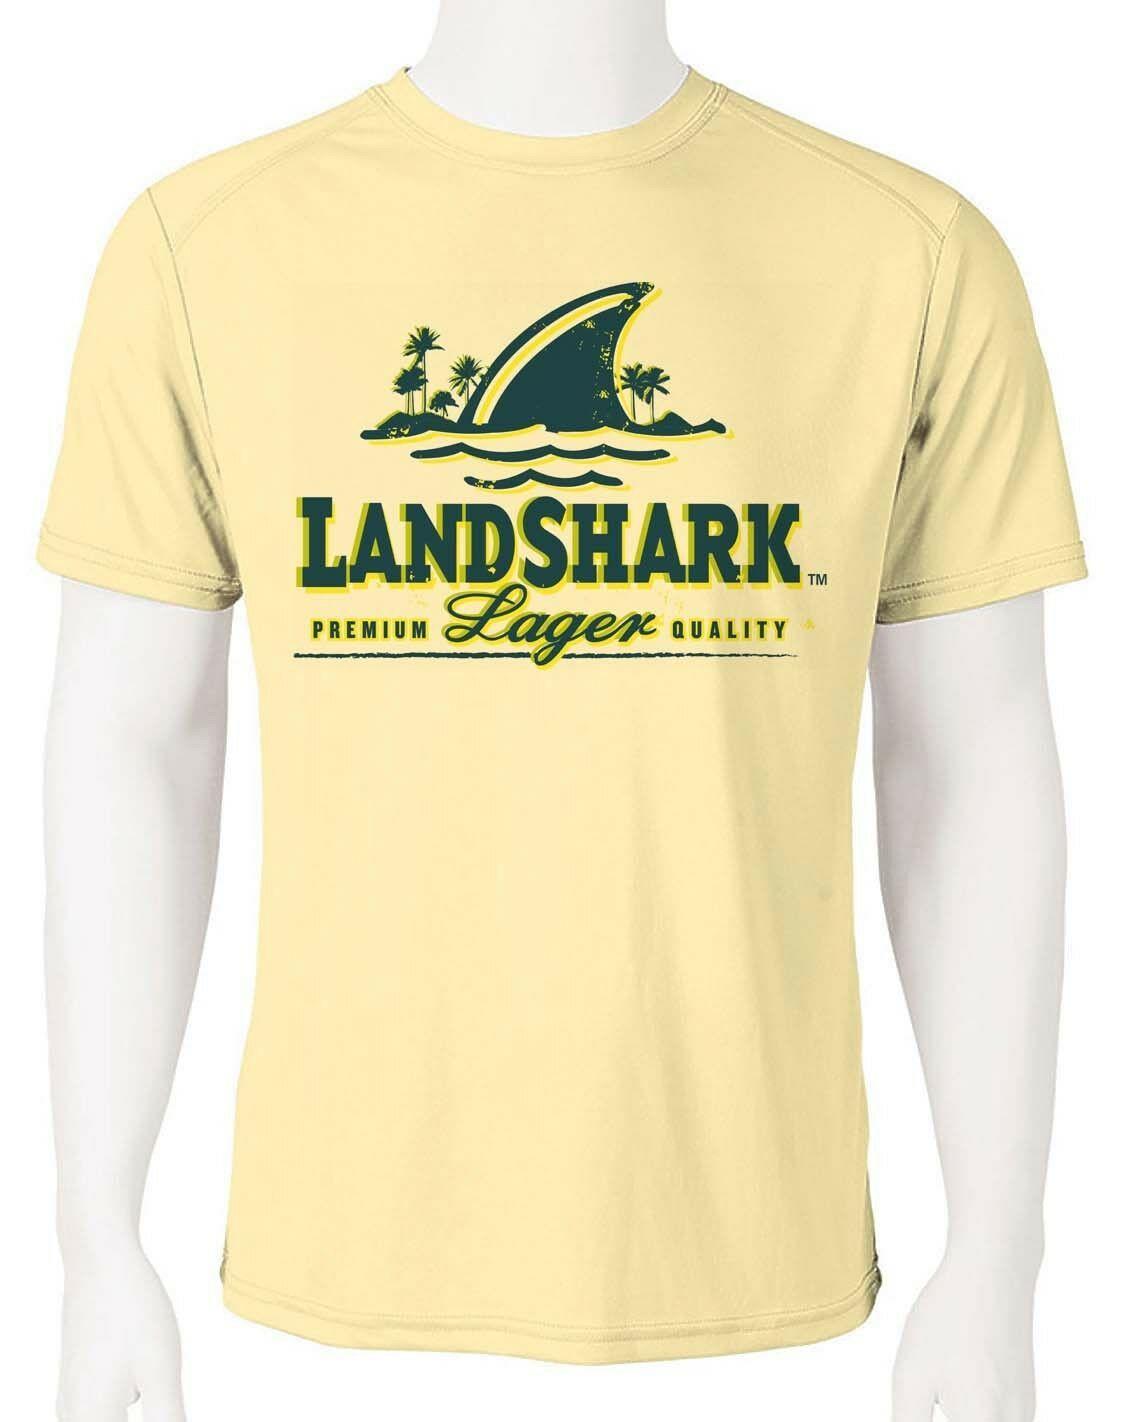 Landshark 1